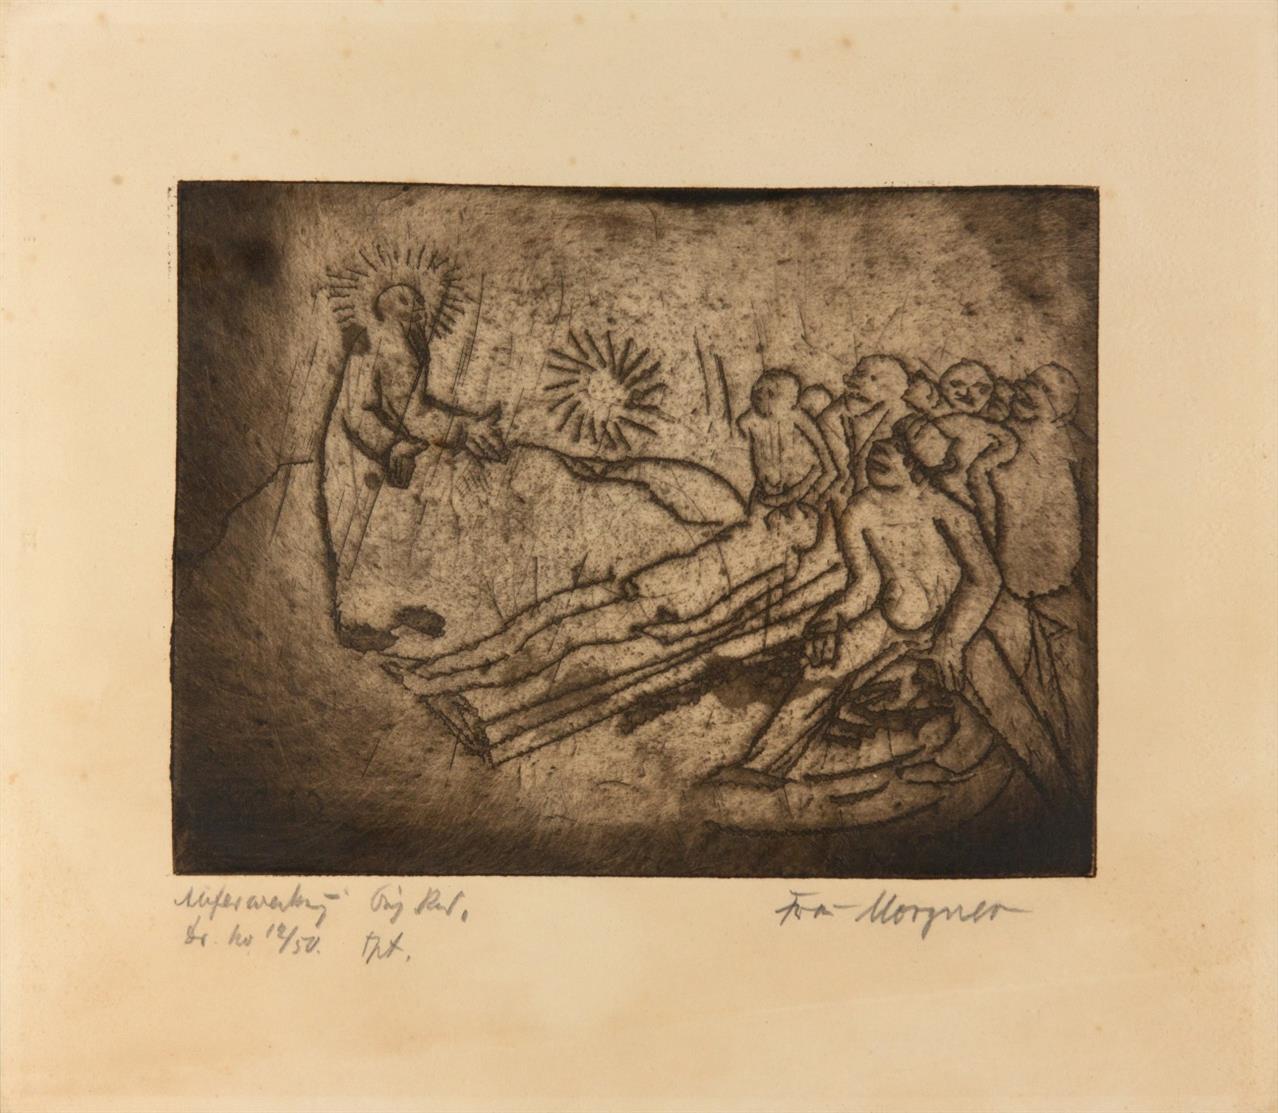 Wilhelm Morgner. Auferweckung. 1912. Radierung. Ex. 12/50. Witte 7.